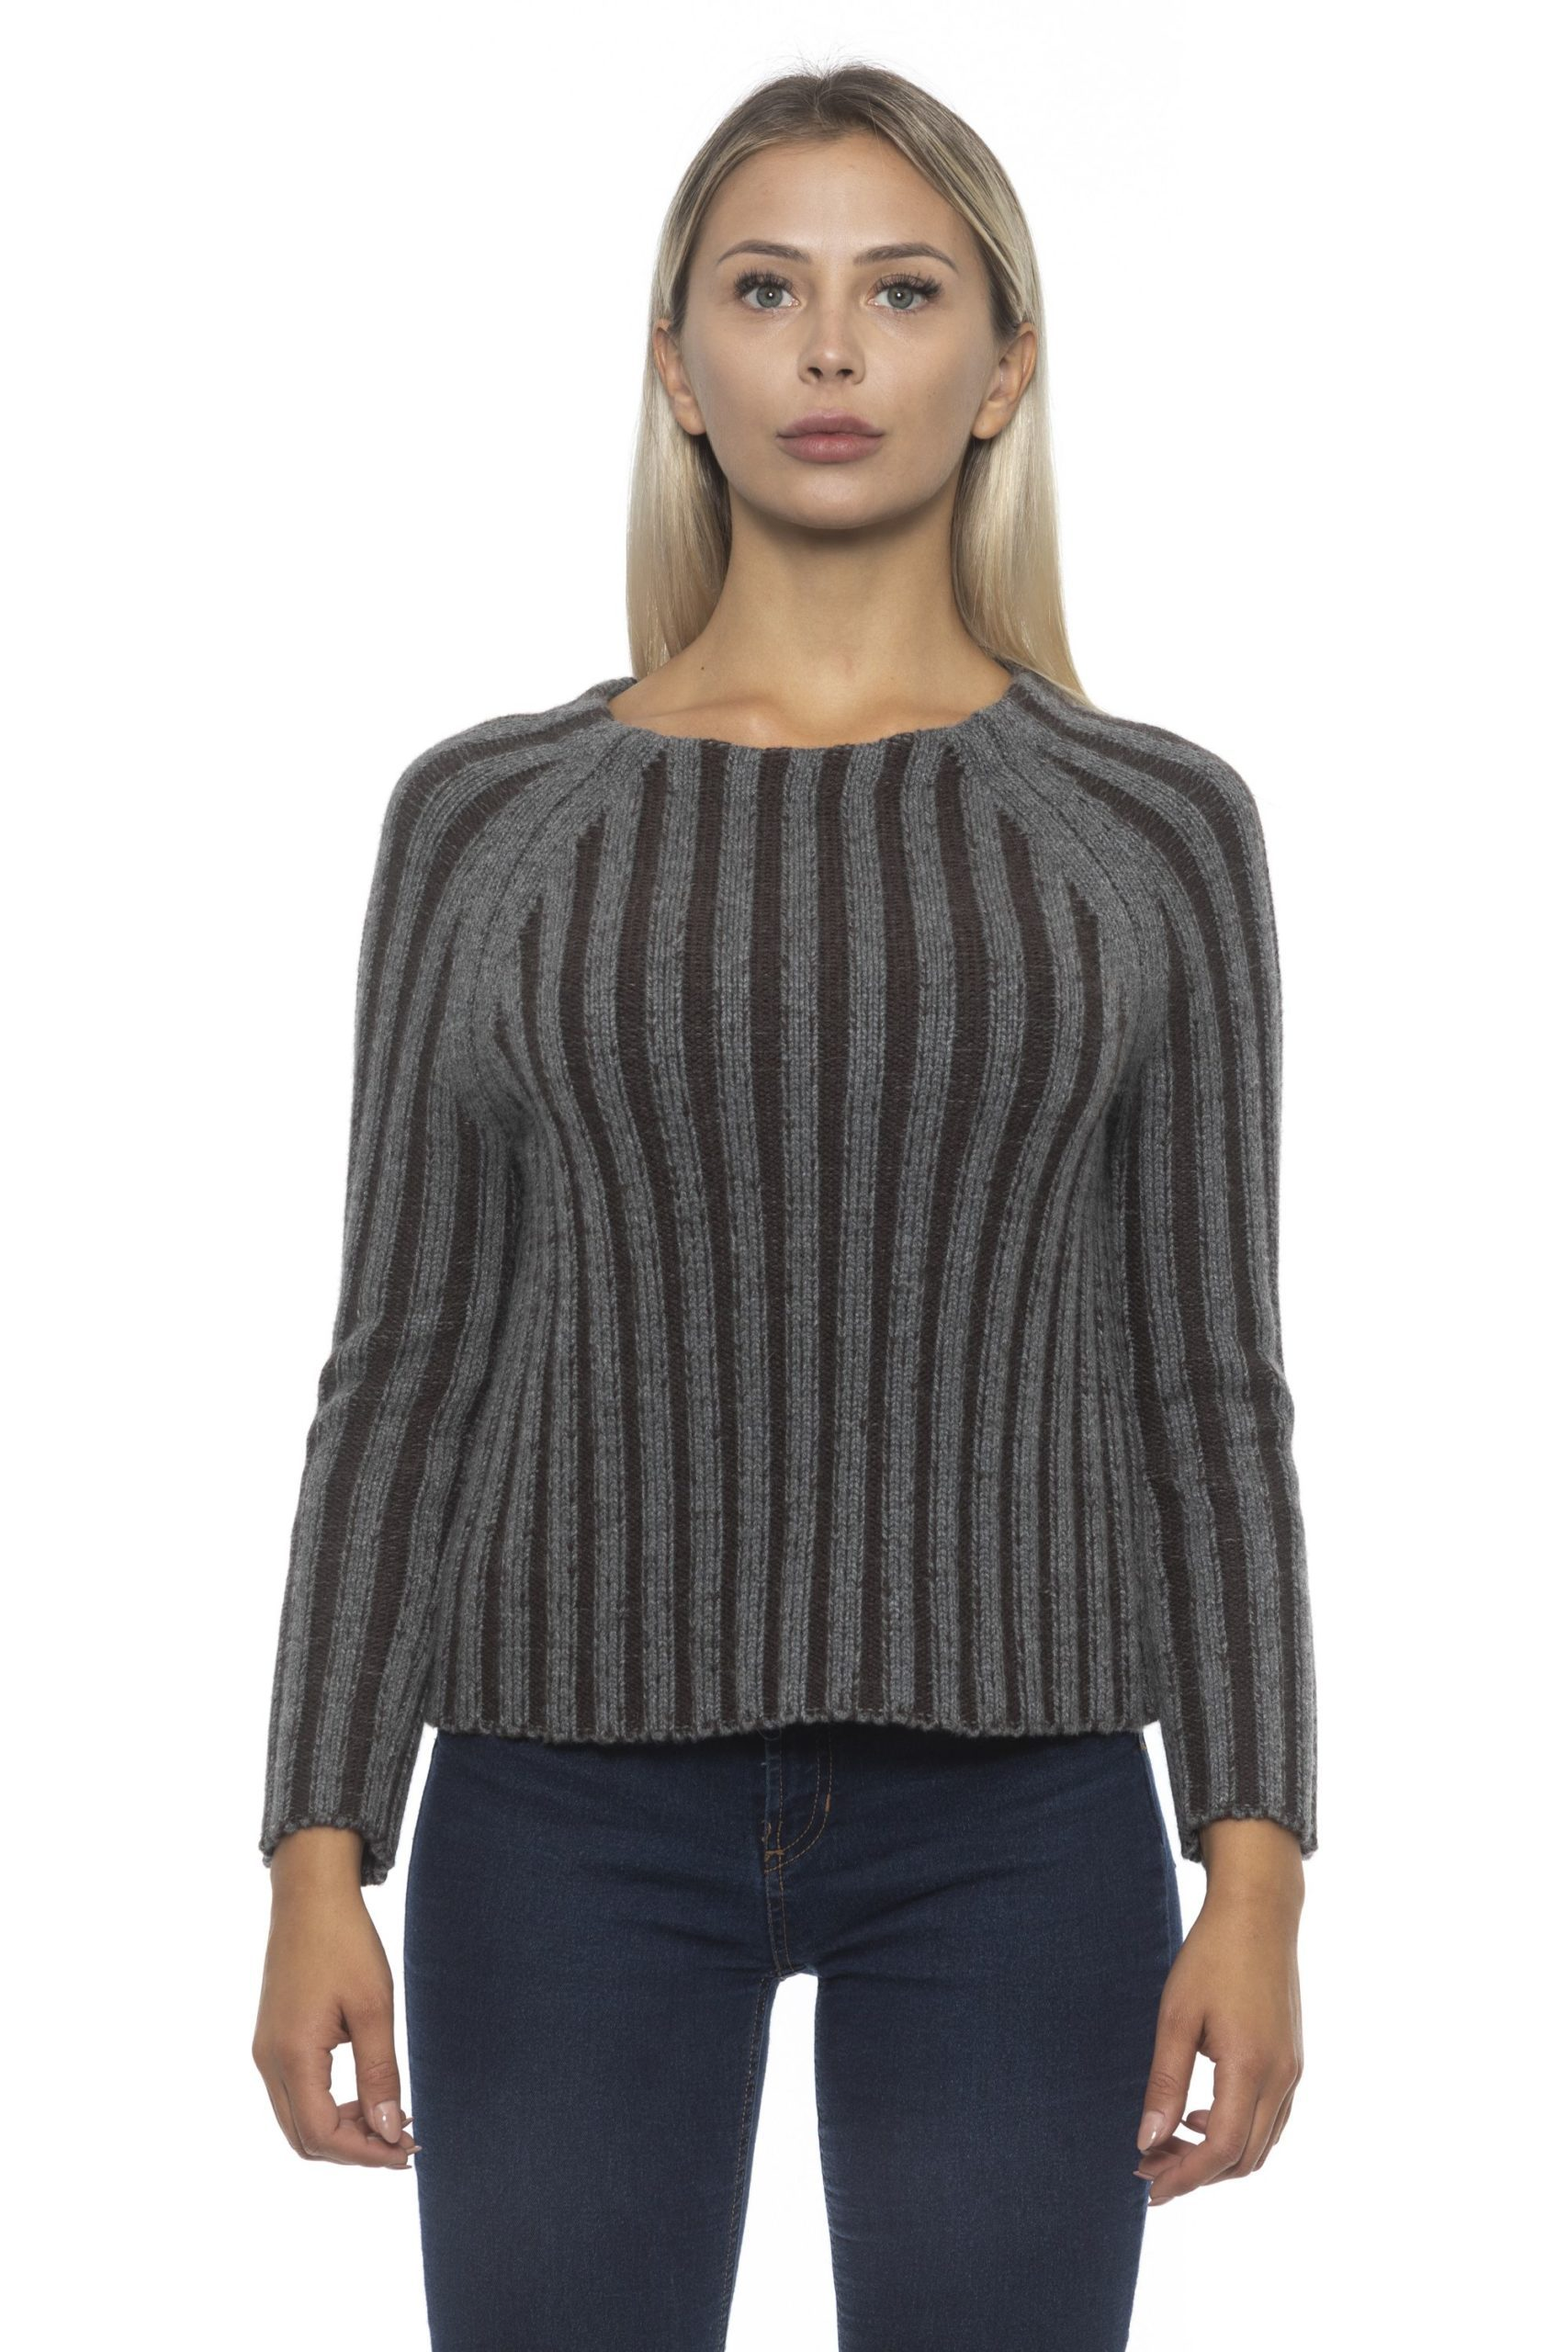 Alpha Studio Women's V A R. U N I C A Sweater Gray AL1192350 - IT42 | S